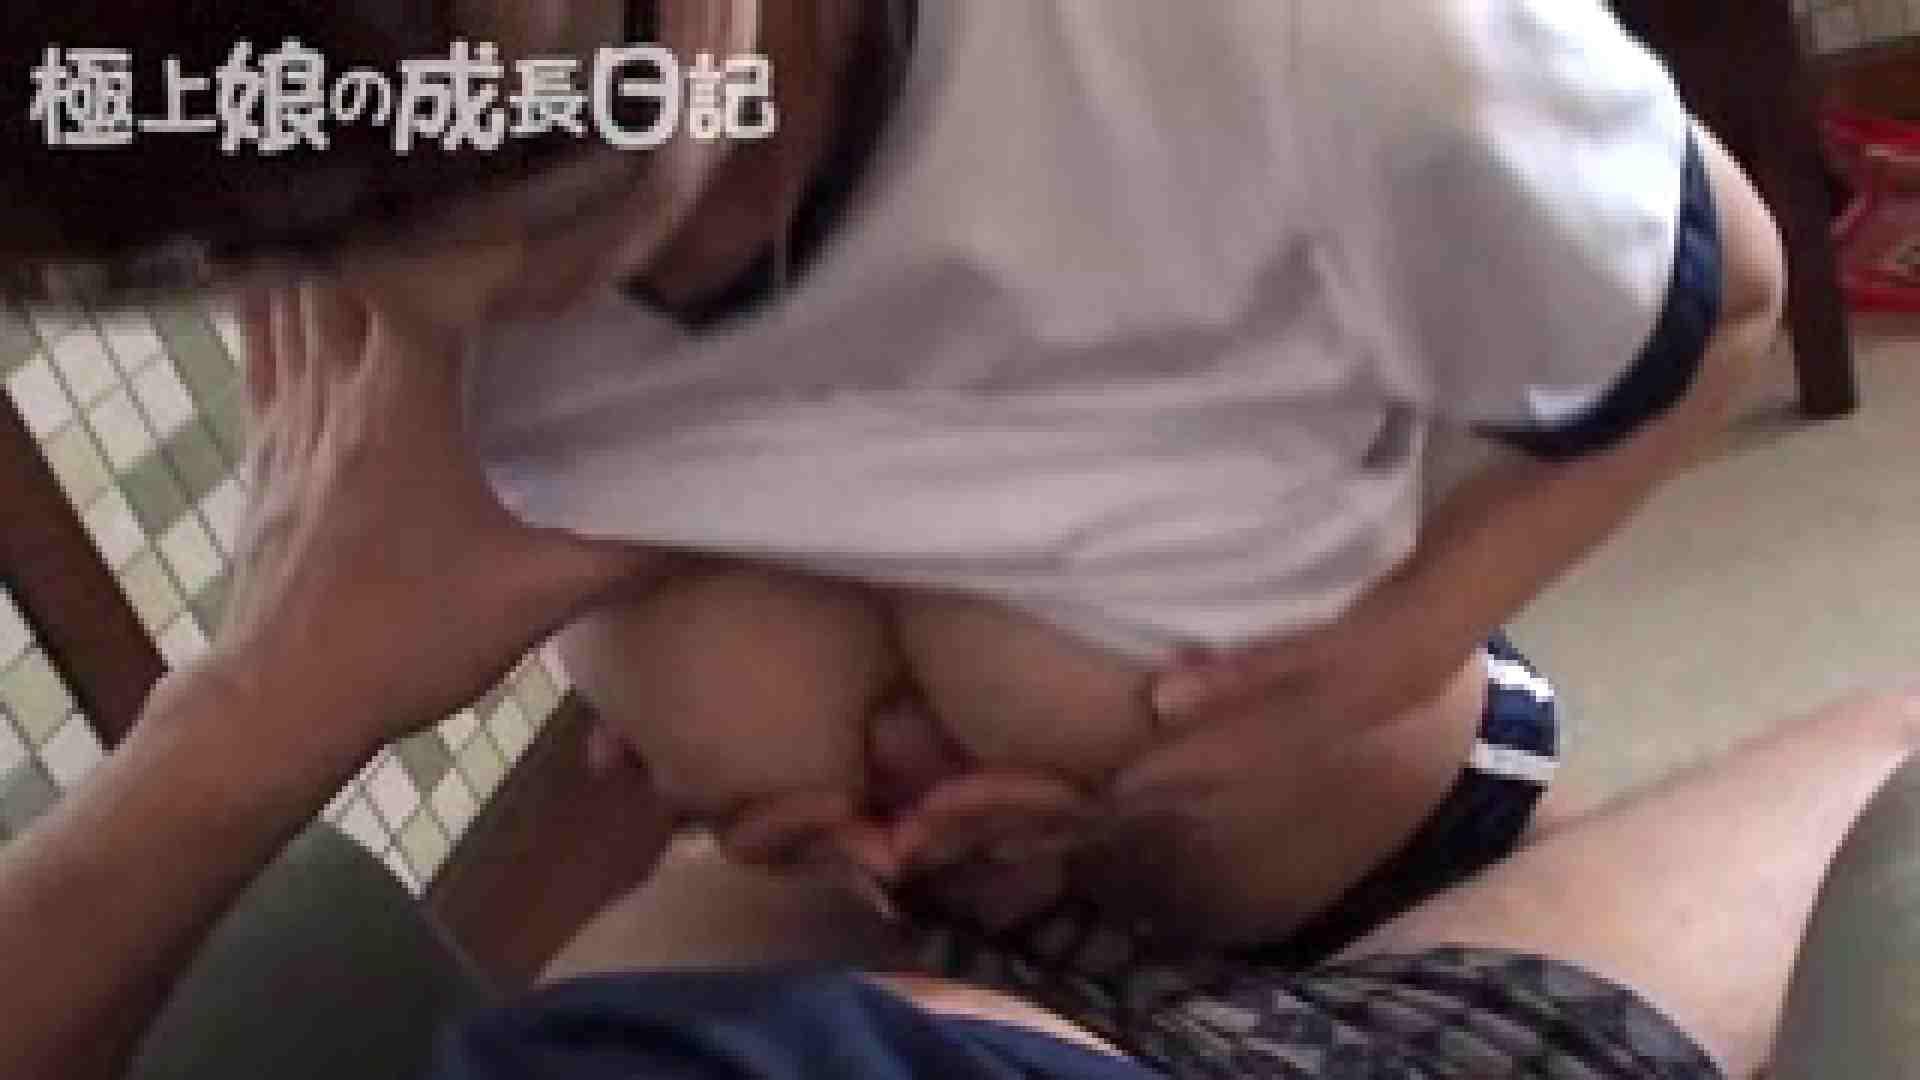 極上素人嬢の成長日記 コスプレハメ撮りブルマ編 一般投稿  110pic 56